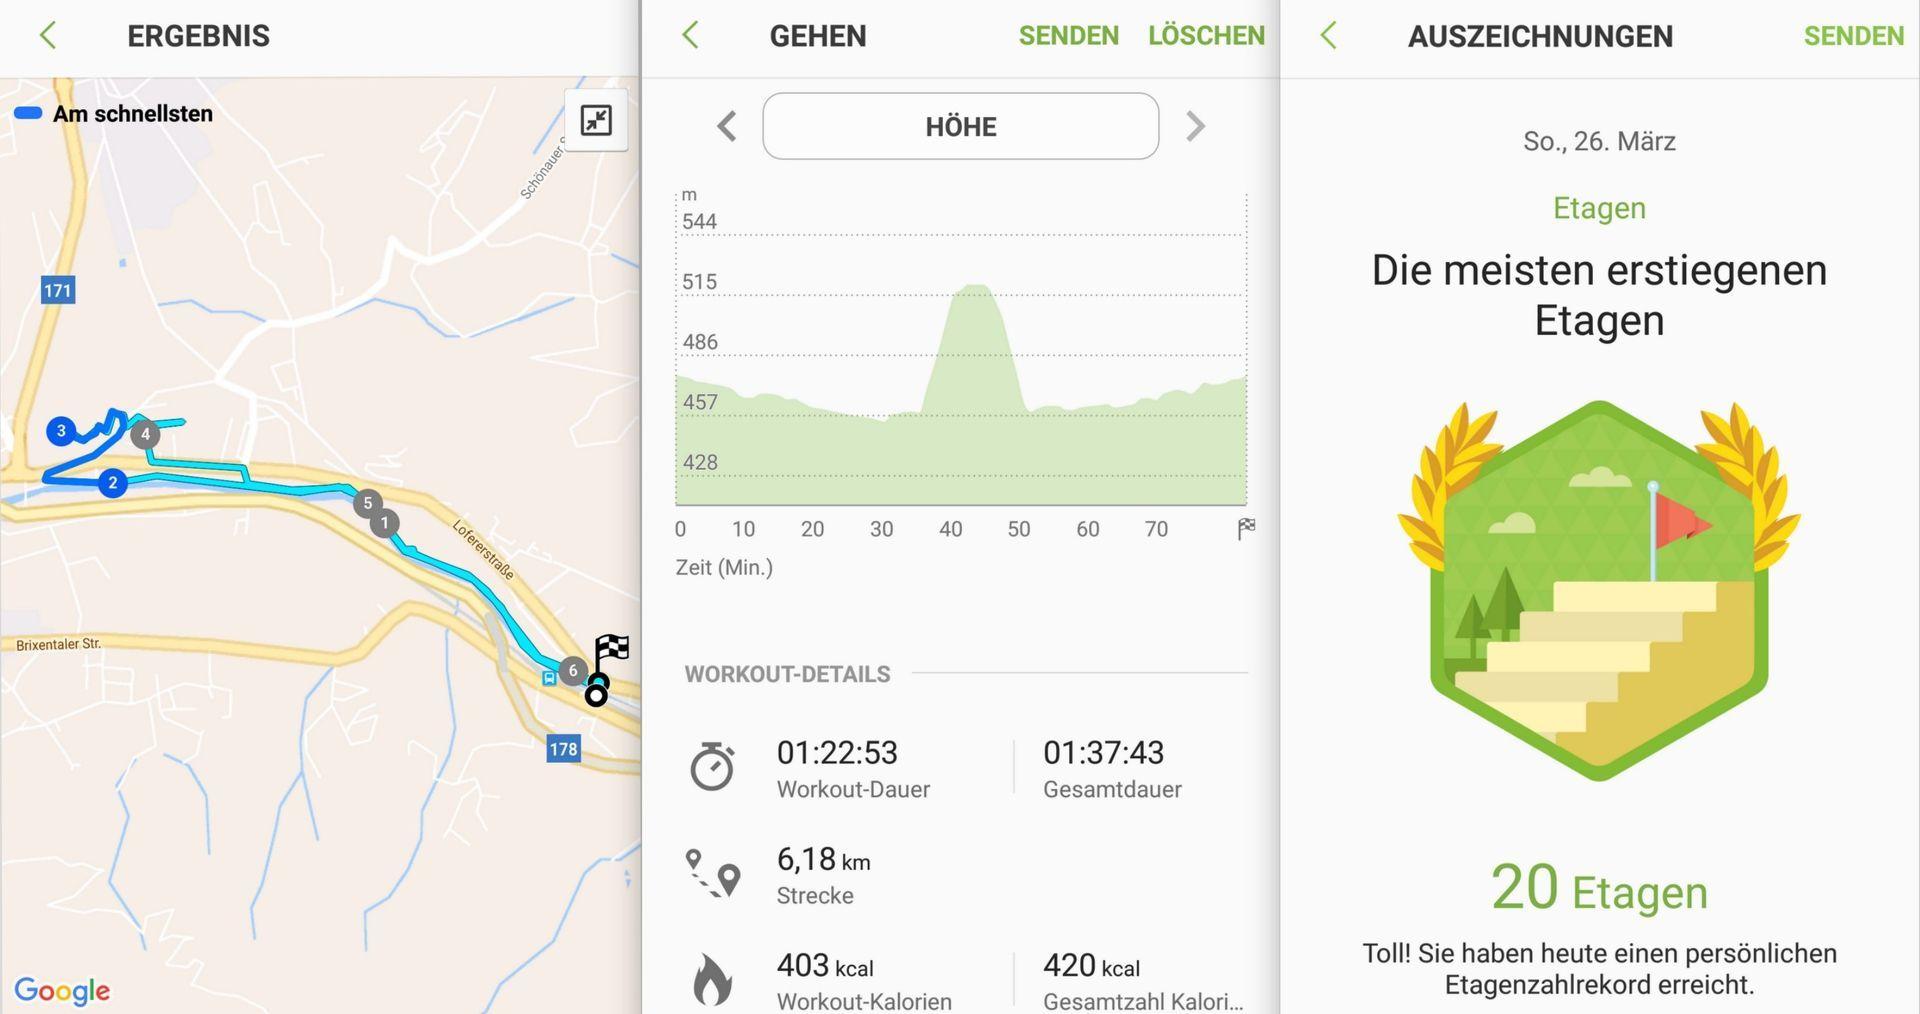 Spazieren Etagen Rekord - Samsung Gear S3 - SmartTechNews